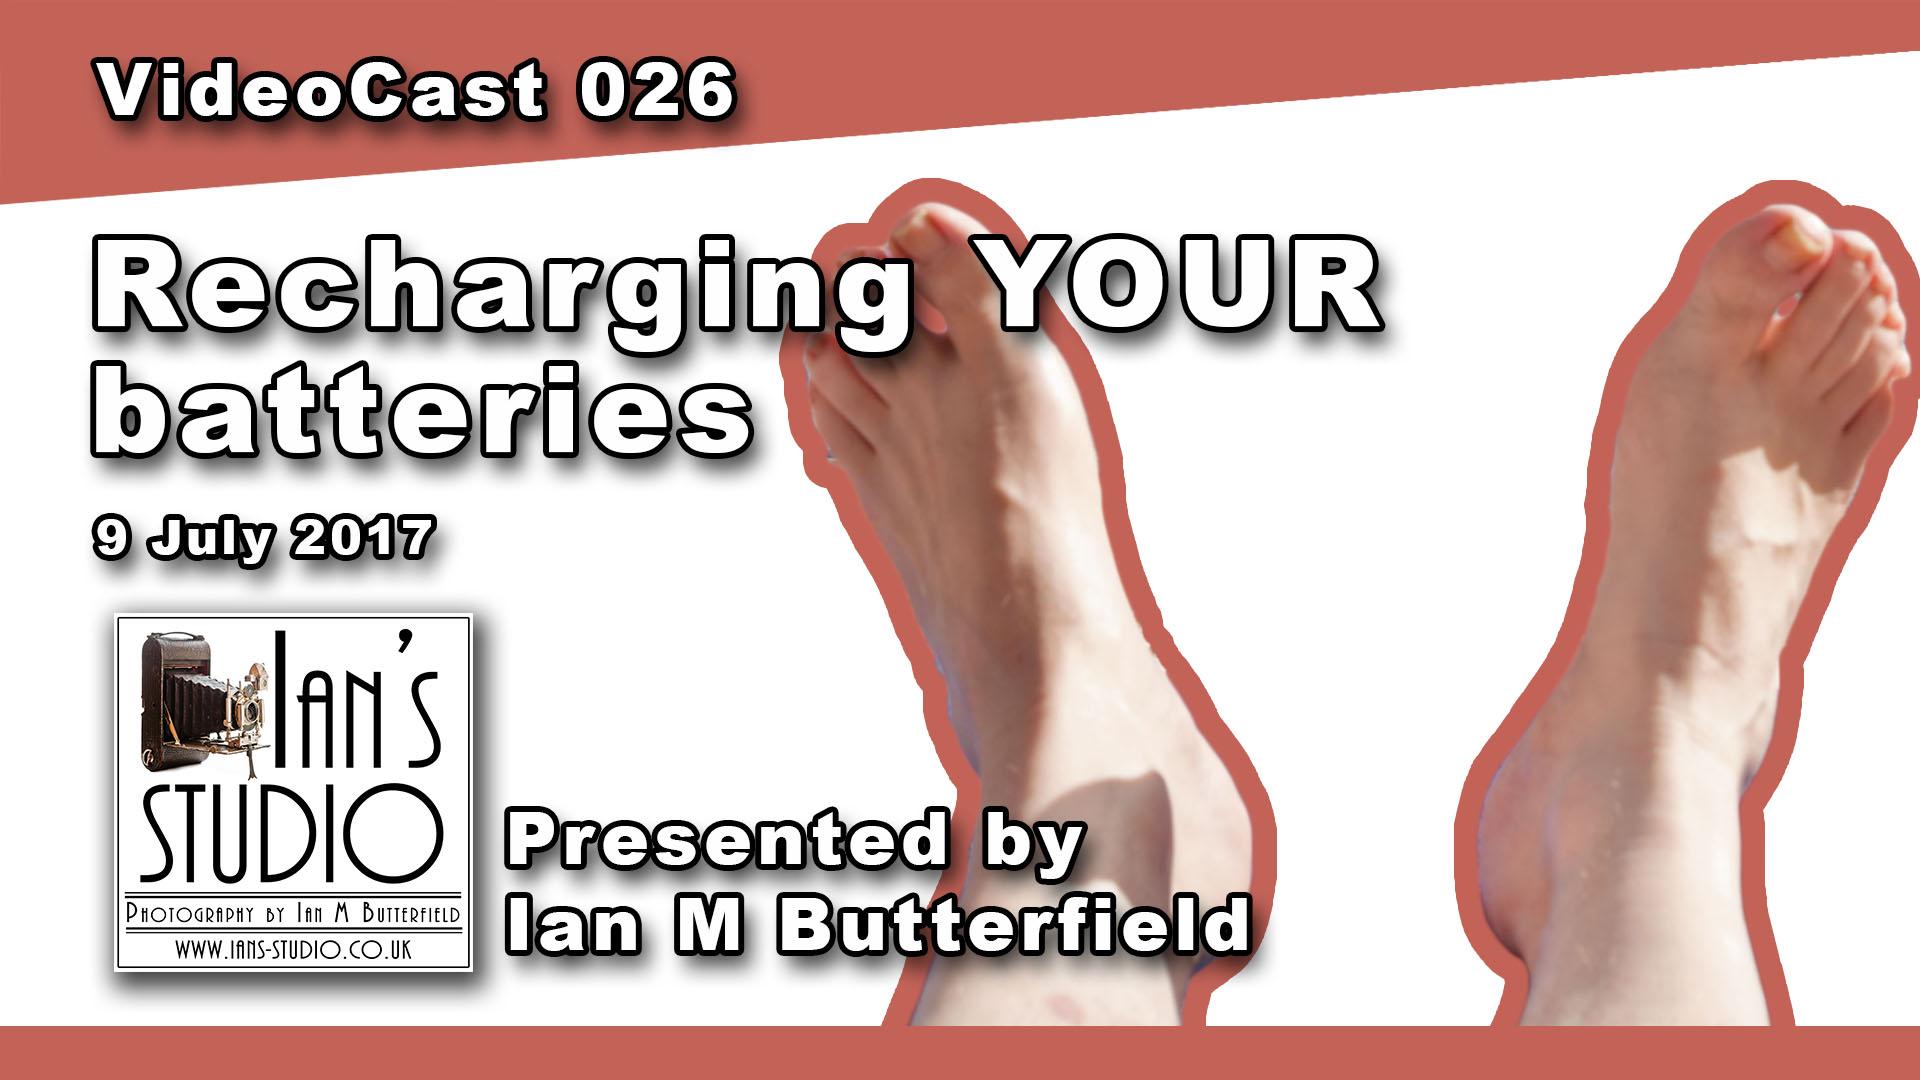 VIDEOCAST 026: Recharging your batteries